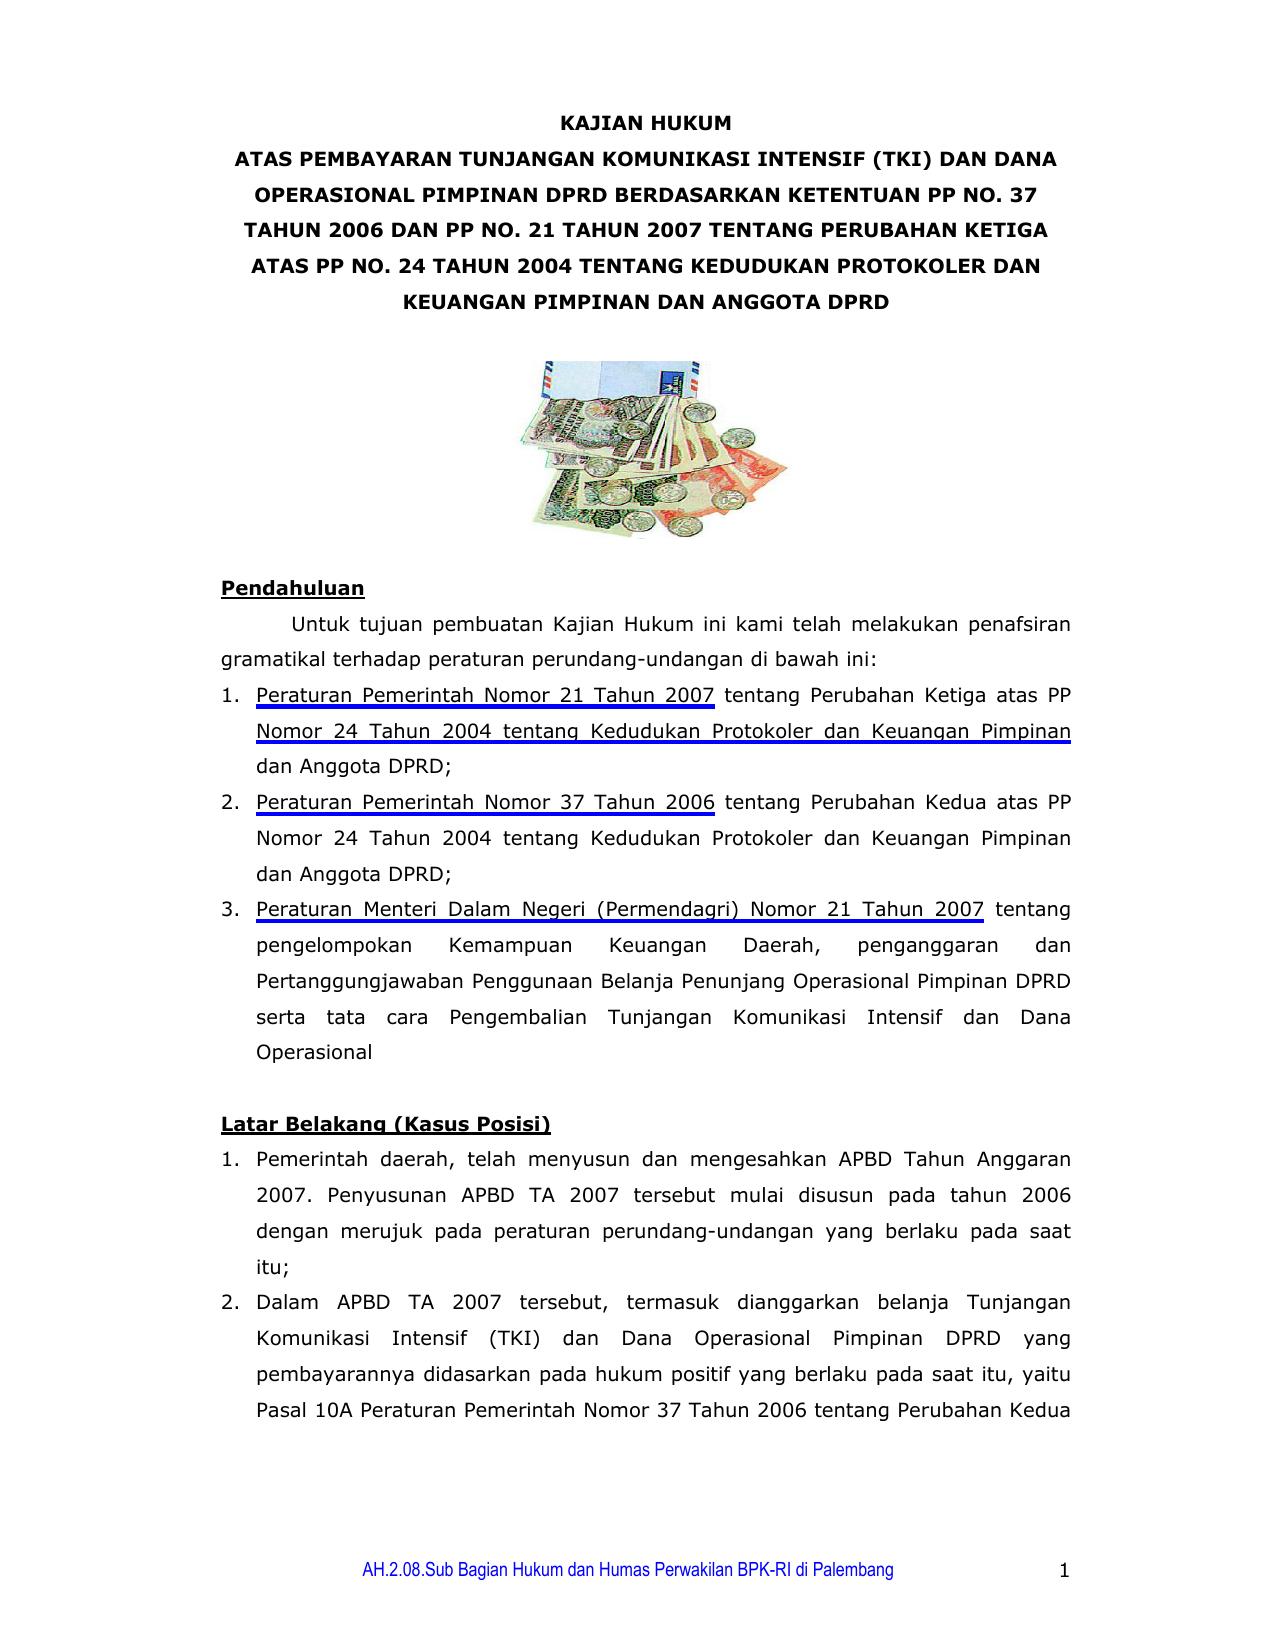 AH.2.08.Sub Bagian Hukum dan Humas Perwakilan BPK